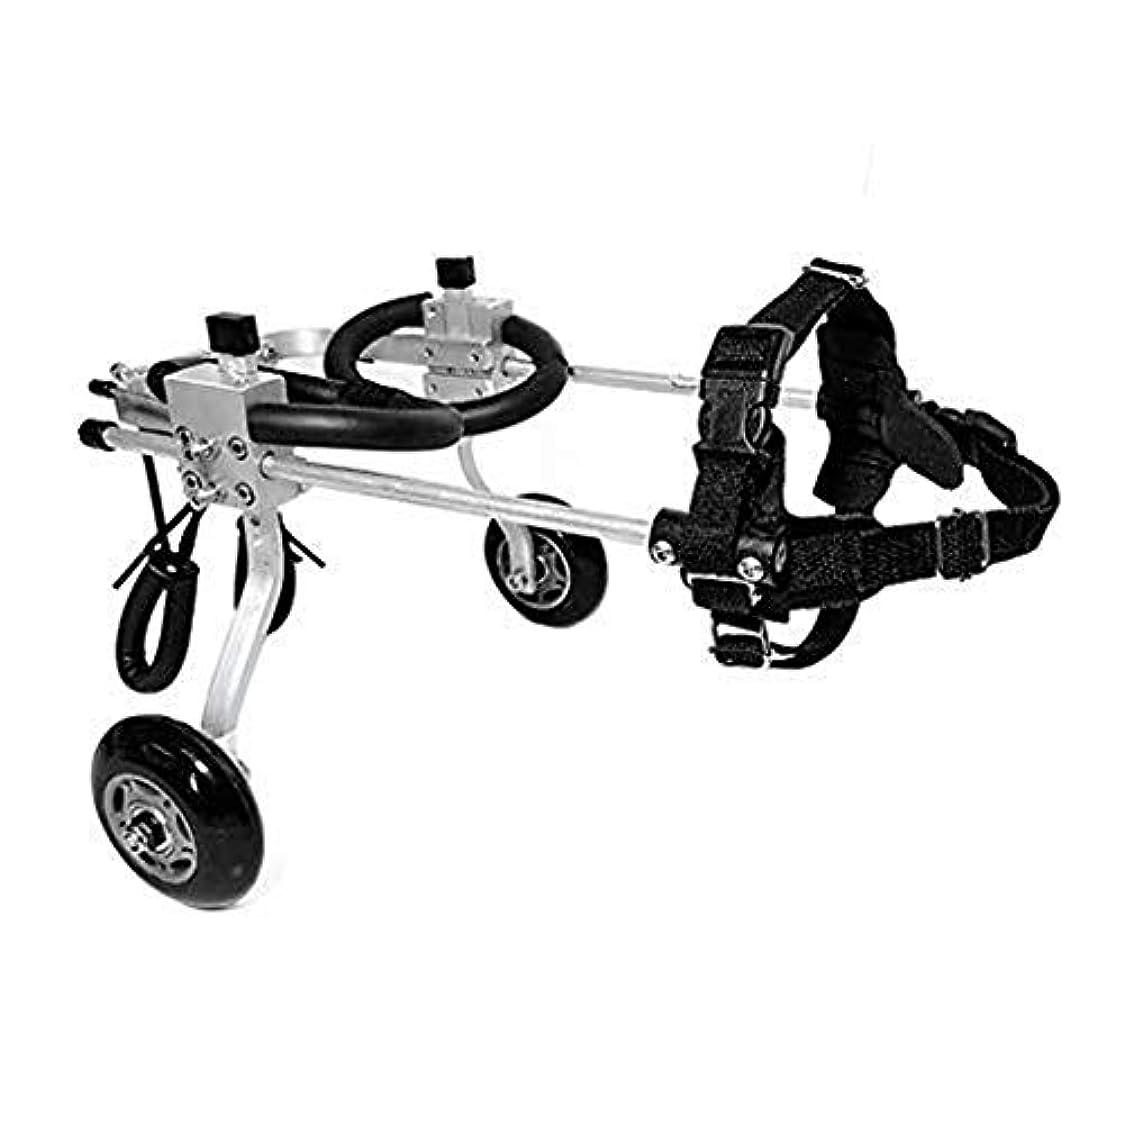 カスケードキッチン仲間、同僚IVHJLP ペット用車椅子ペット用車椅子、XXSモデル、長さ、幅、および高さの調節可能後肢訓練補助スクーター、体重3kg未満の犬に最適